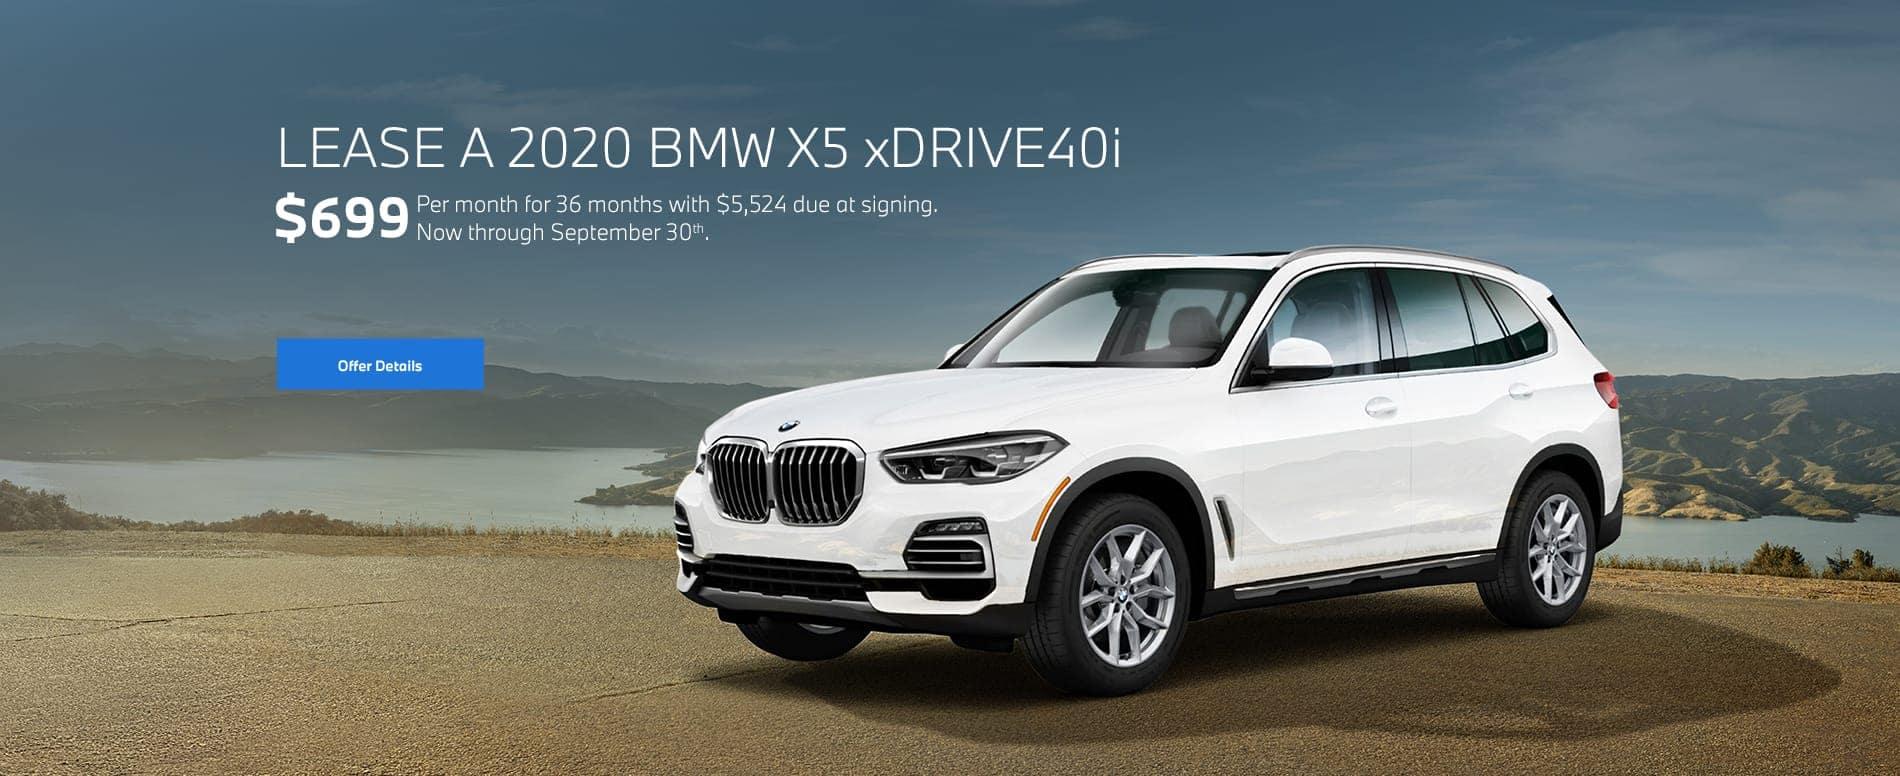 PUSH_2020_BMW_X5_xDrive40i_699_1900x776_DESKTOP